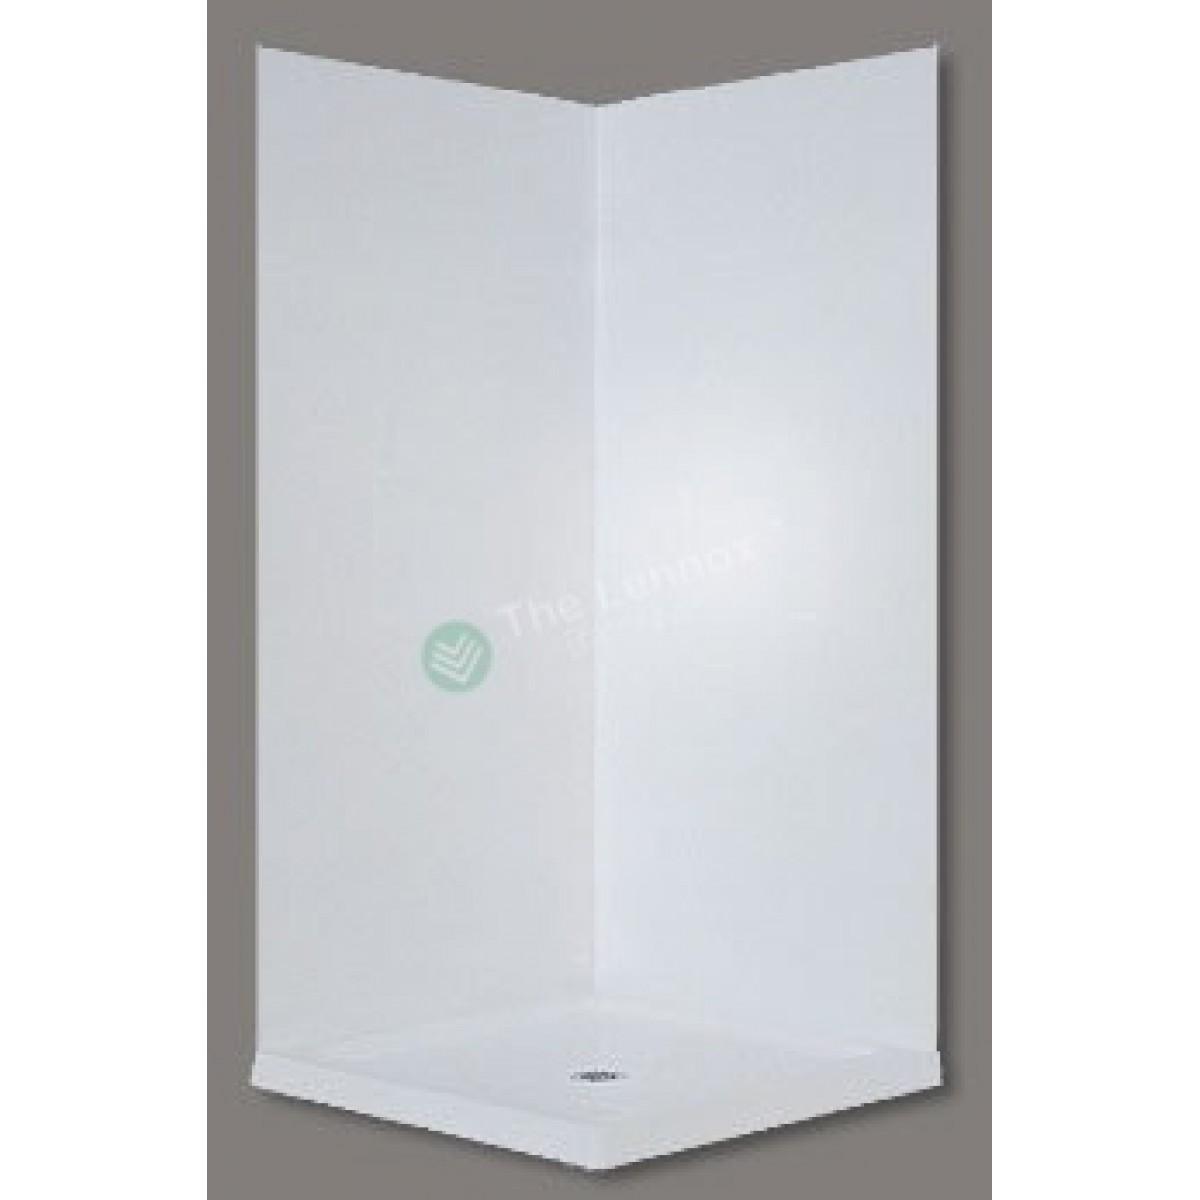 Shower liner 2 sides 880x880x1830mm for Bathroom liner